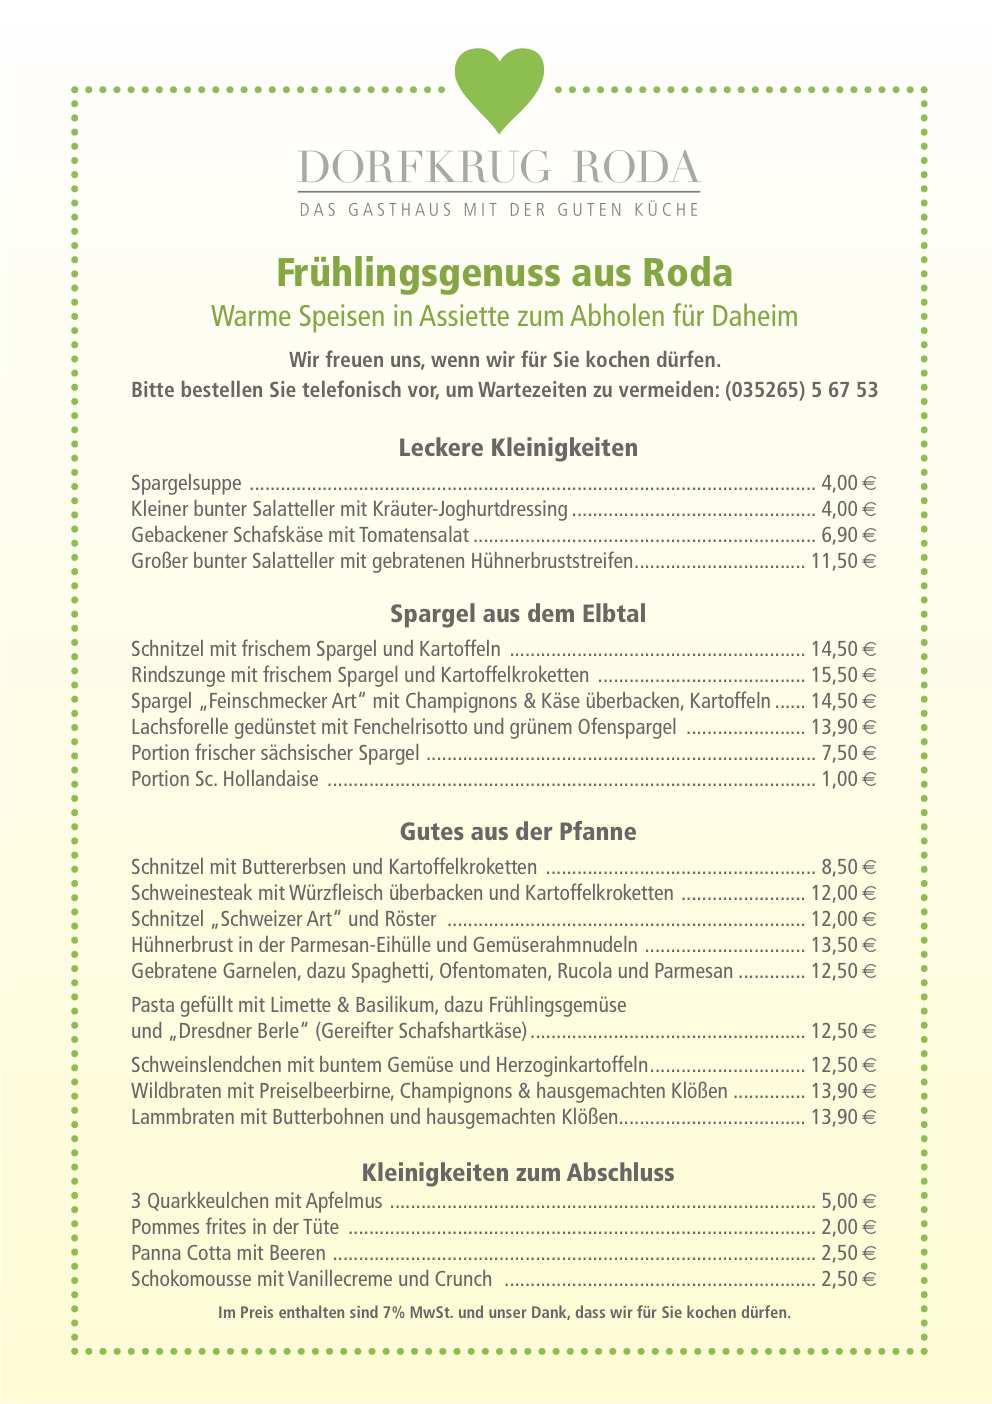 RodaFruehling1